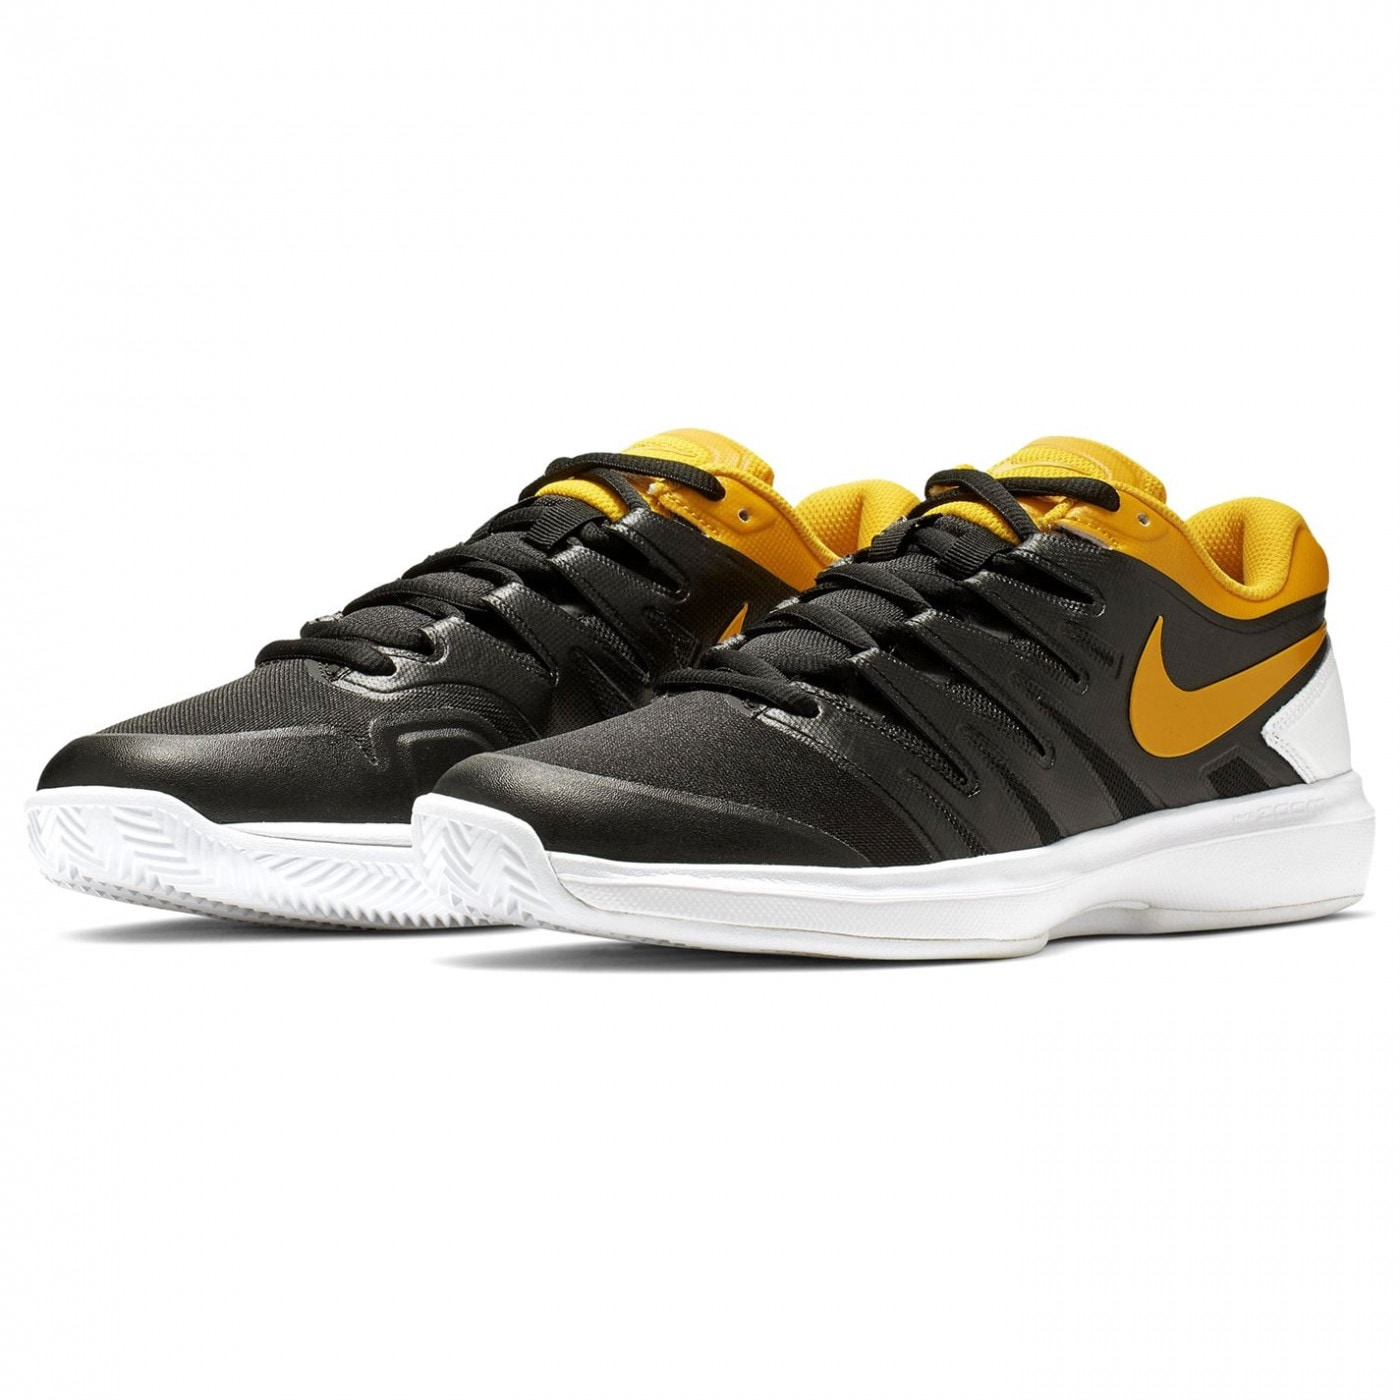 Nike A/Z Prestige Cly S92